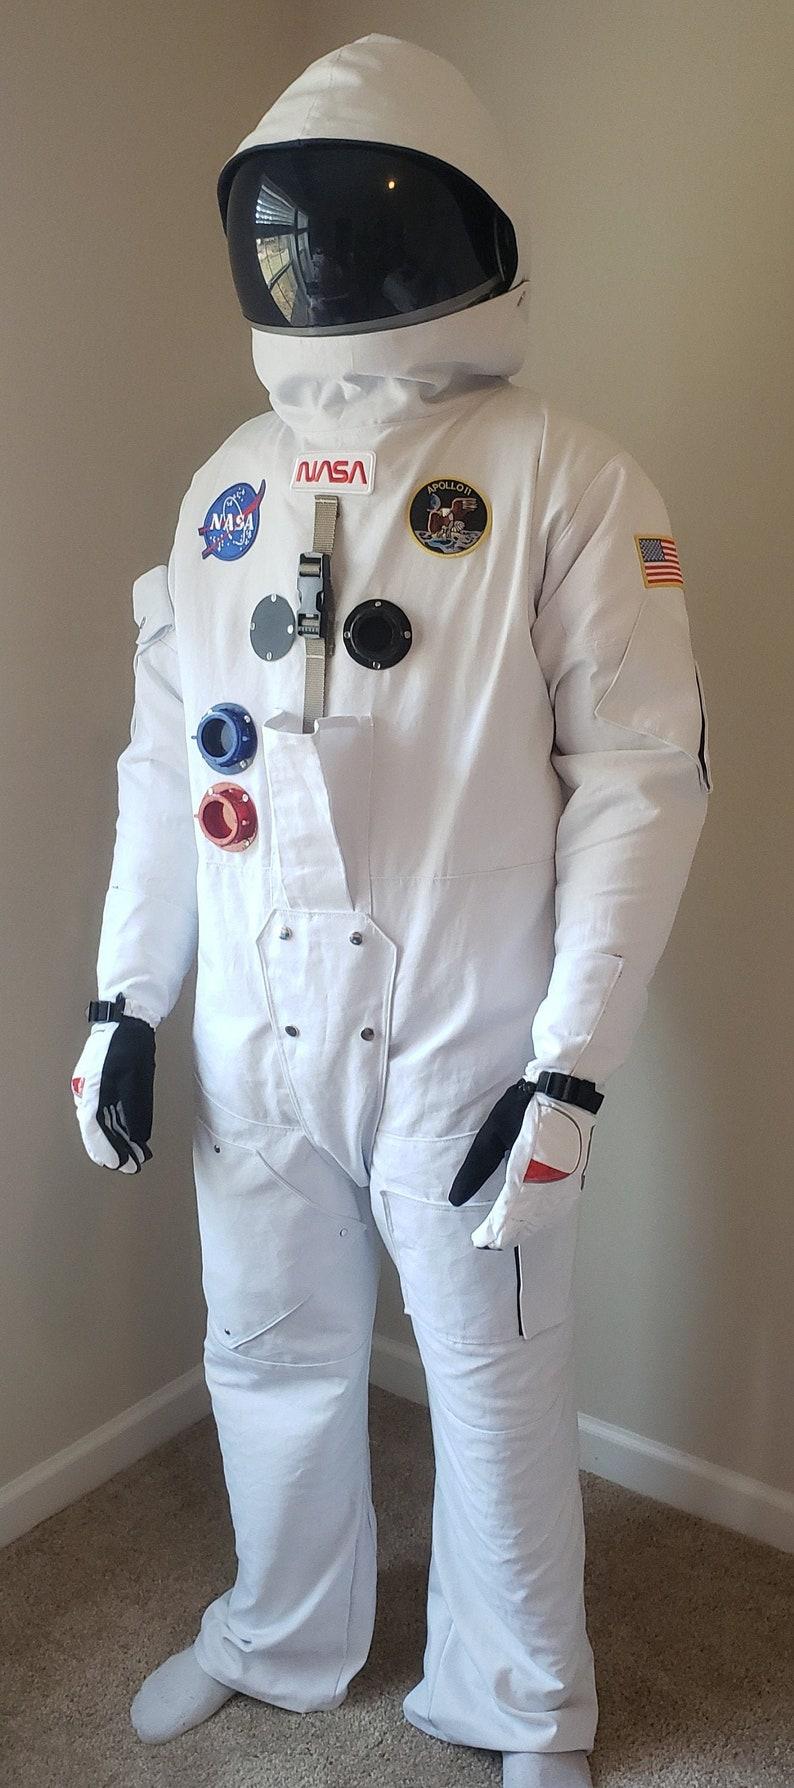 Apollo Astronaut Spacesuit Replica Unisex